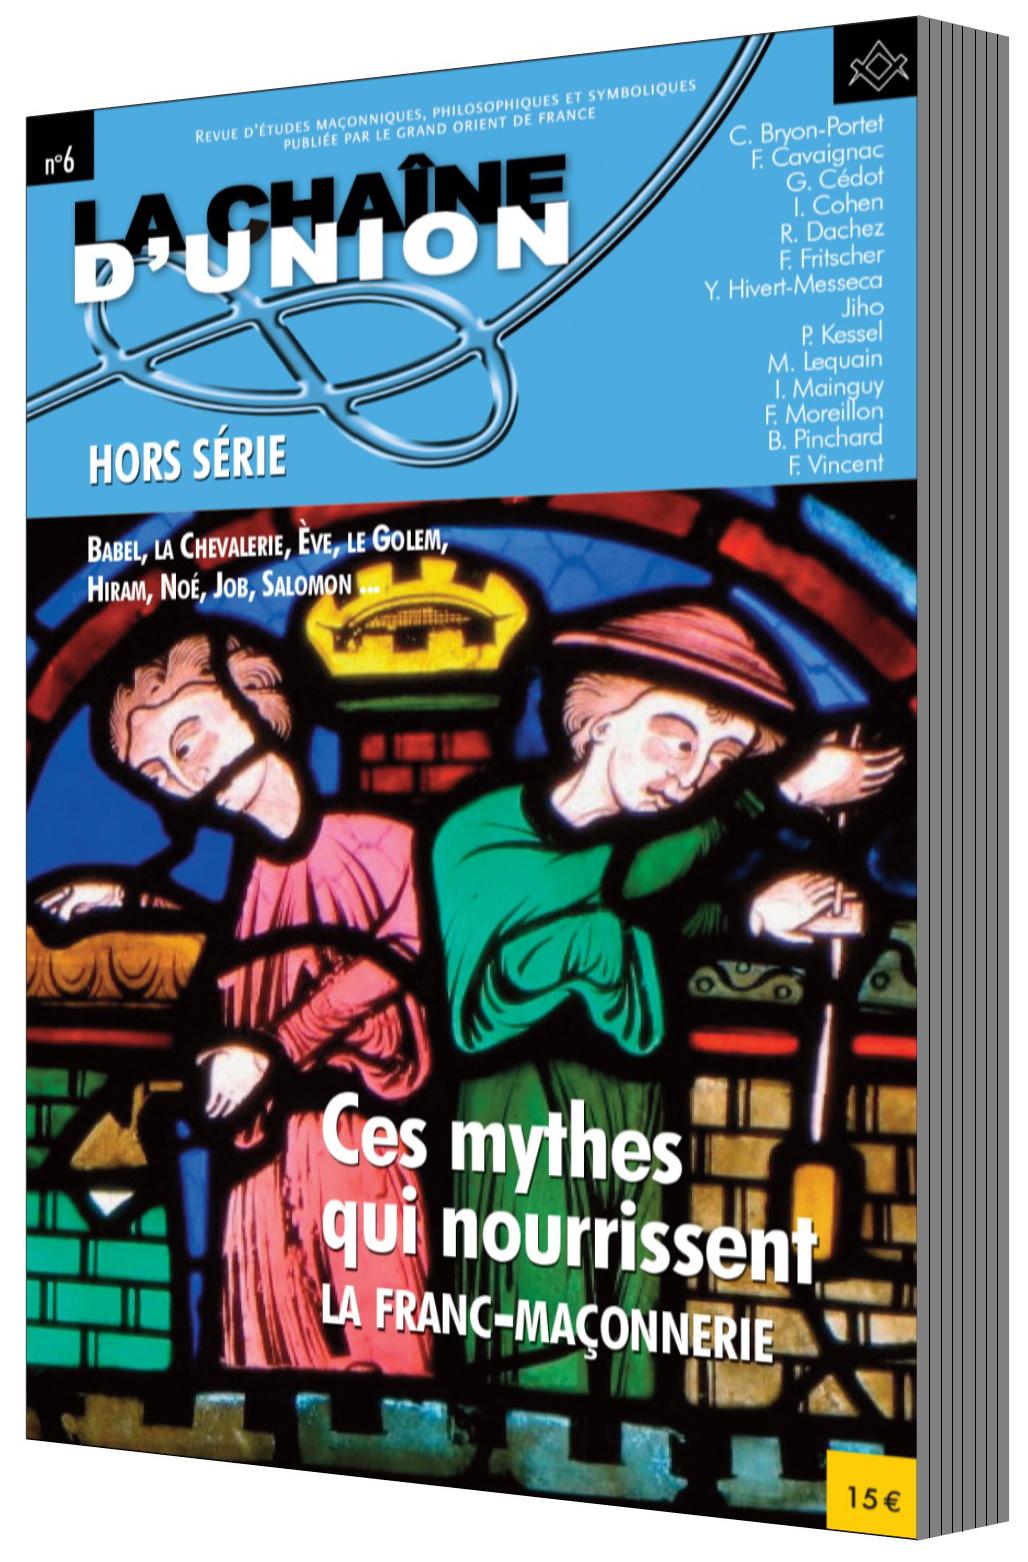 Hors série : Ces mythes qui nourrissent la franc-maçonnerie